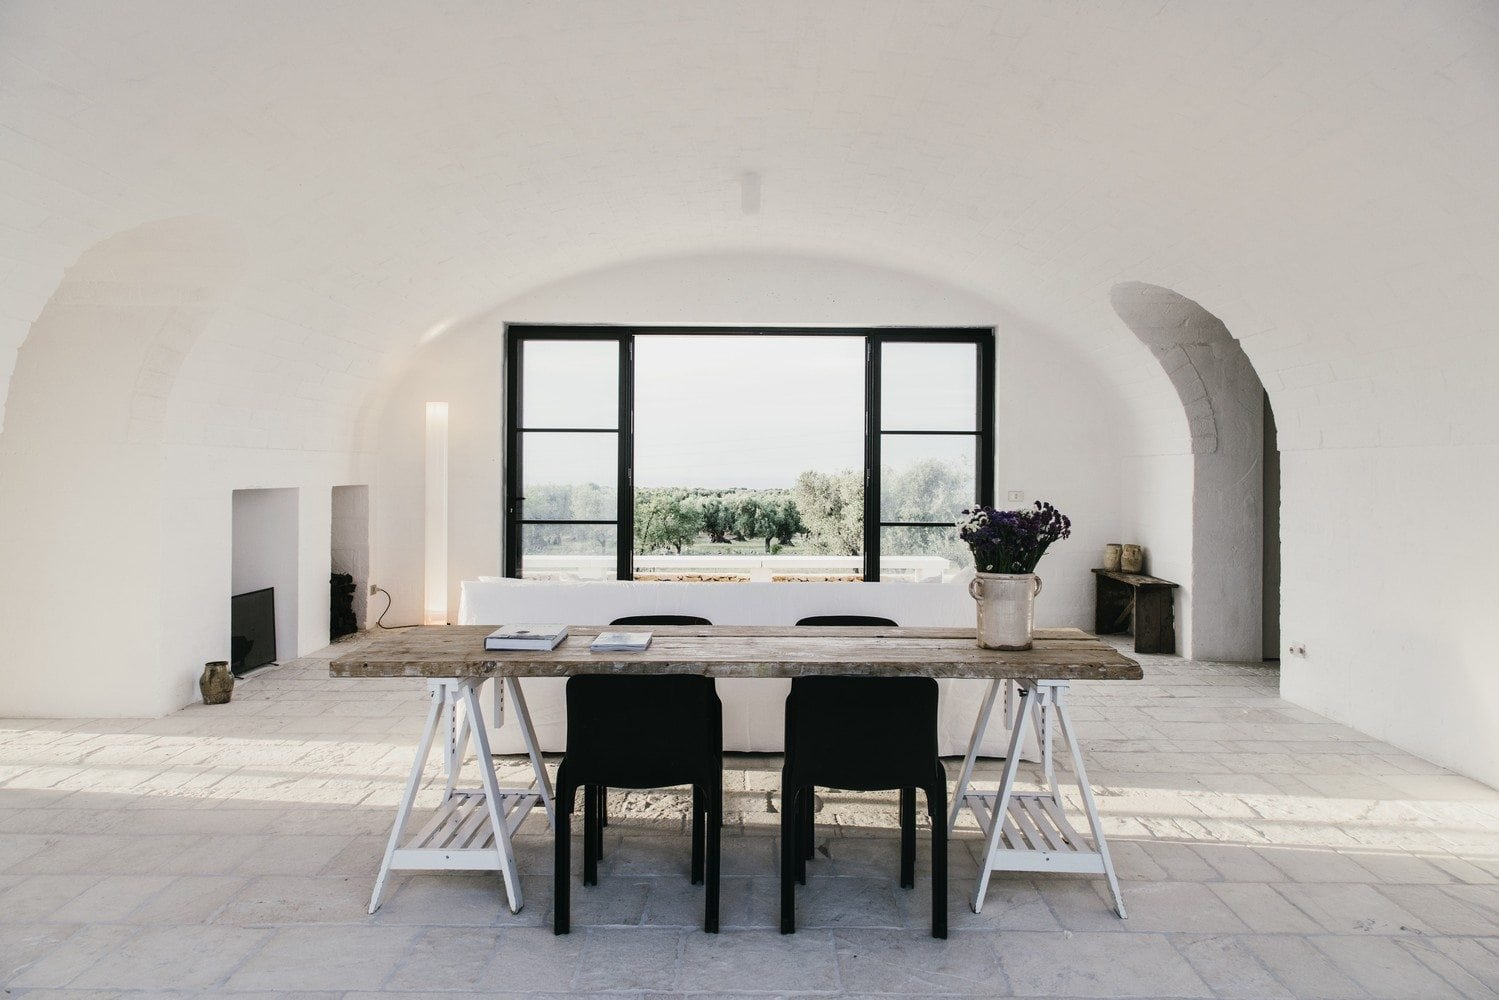 khu nghỉ dưỡng Masseria Moroseta-hot list-elledecoration vn-7